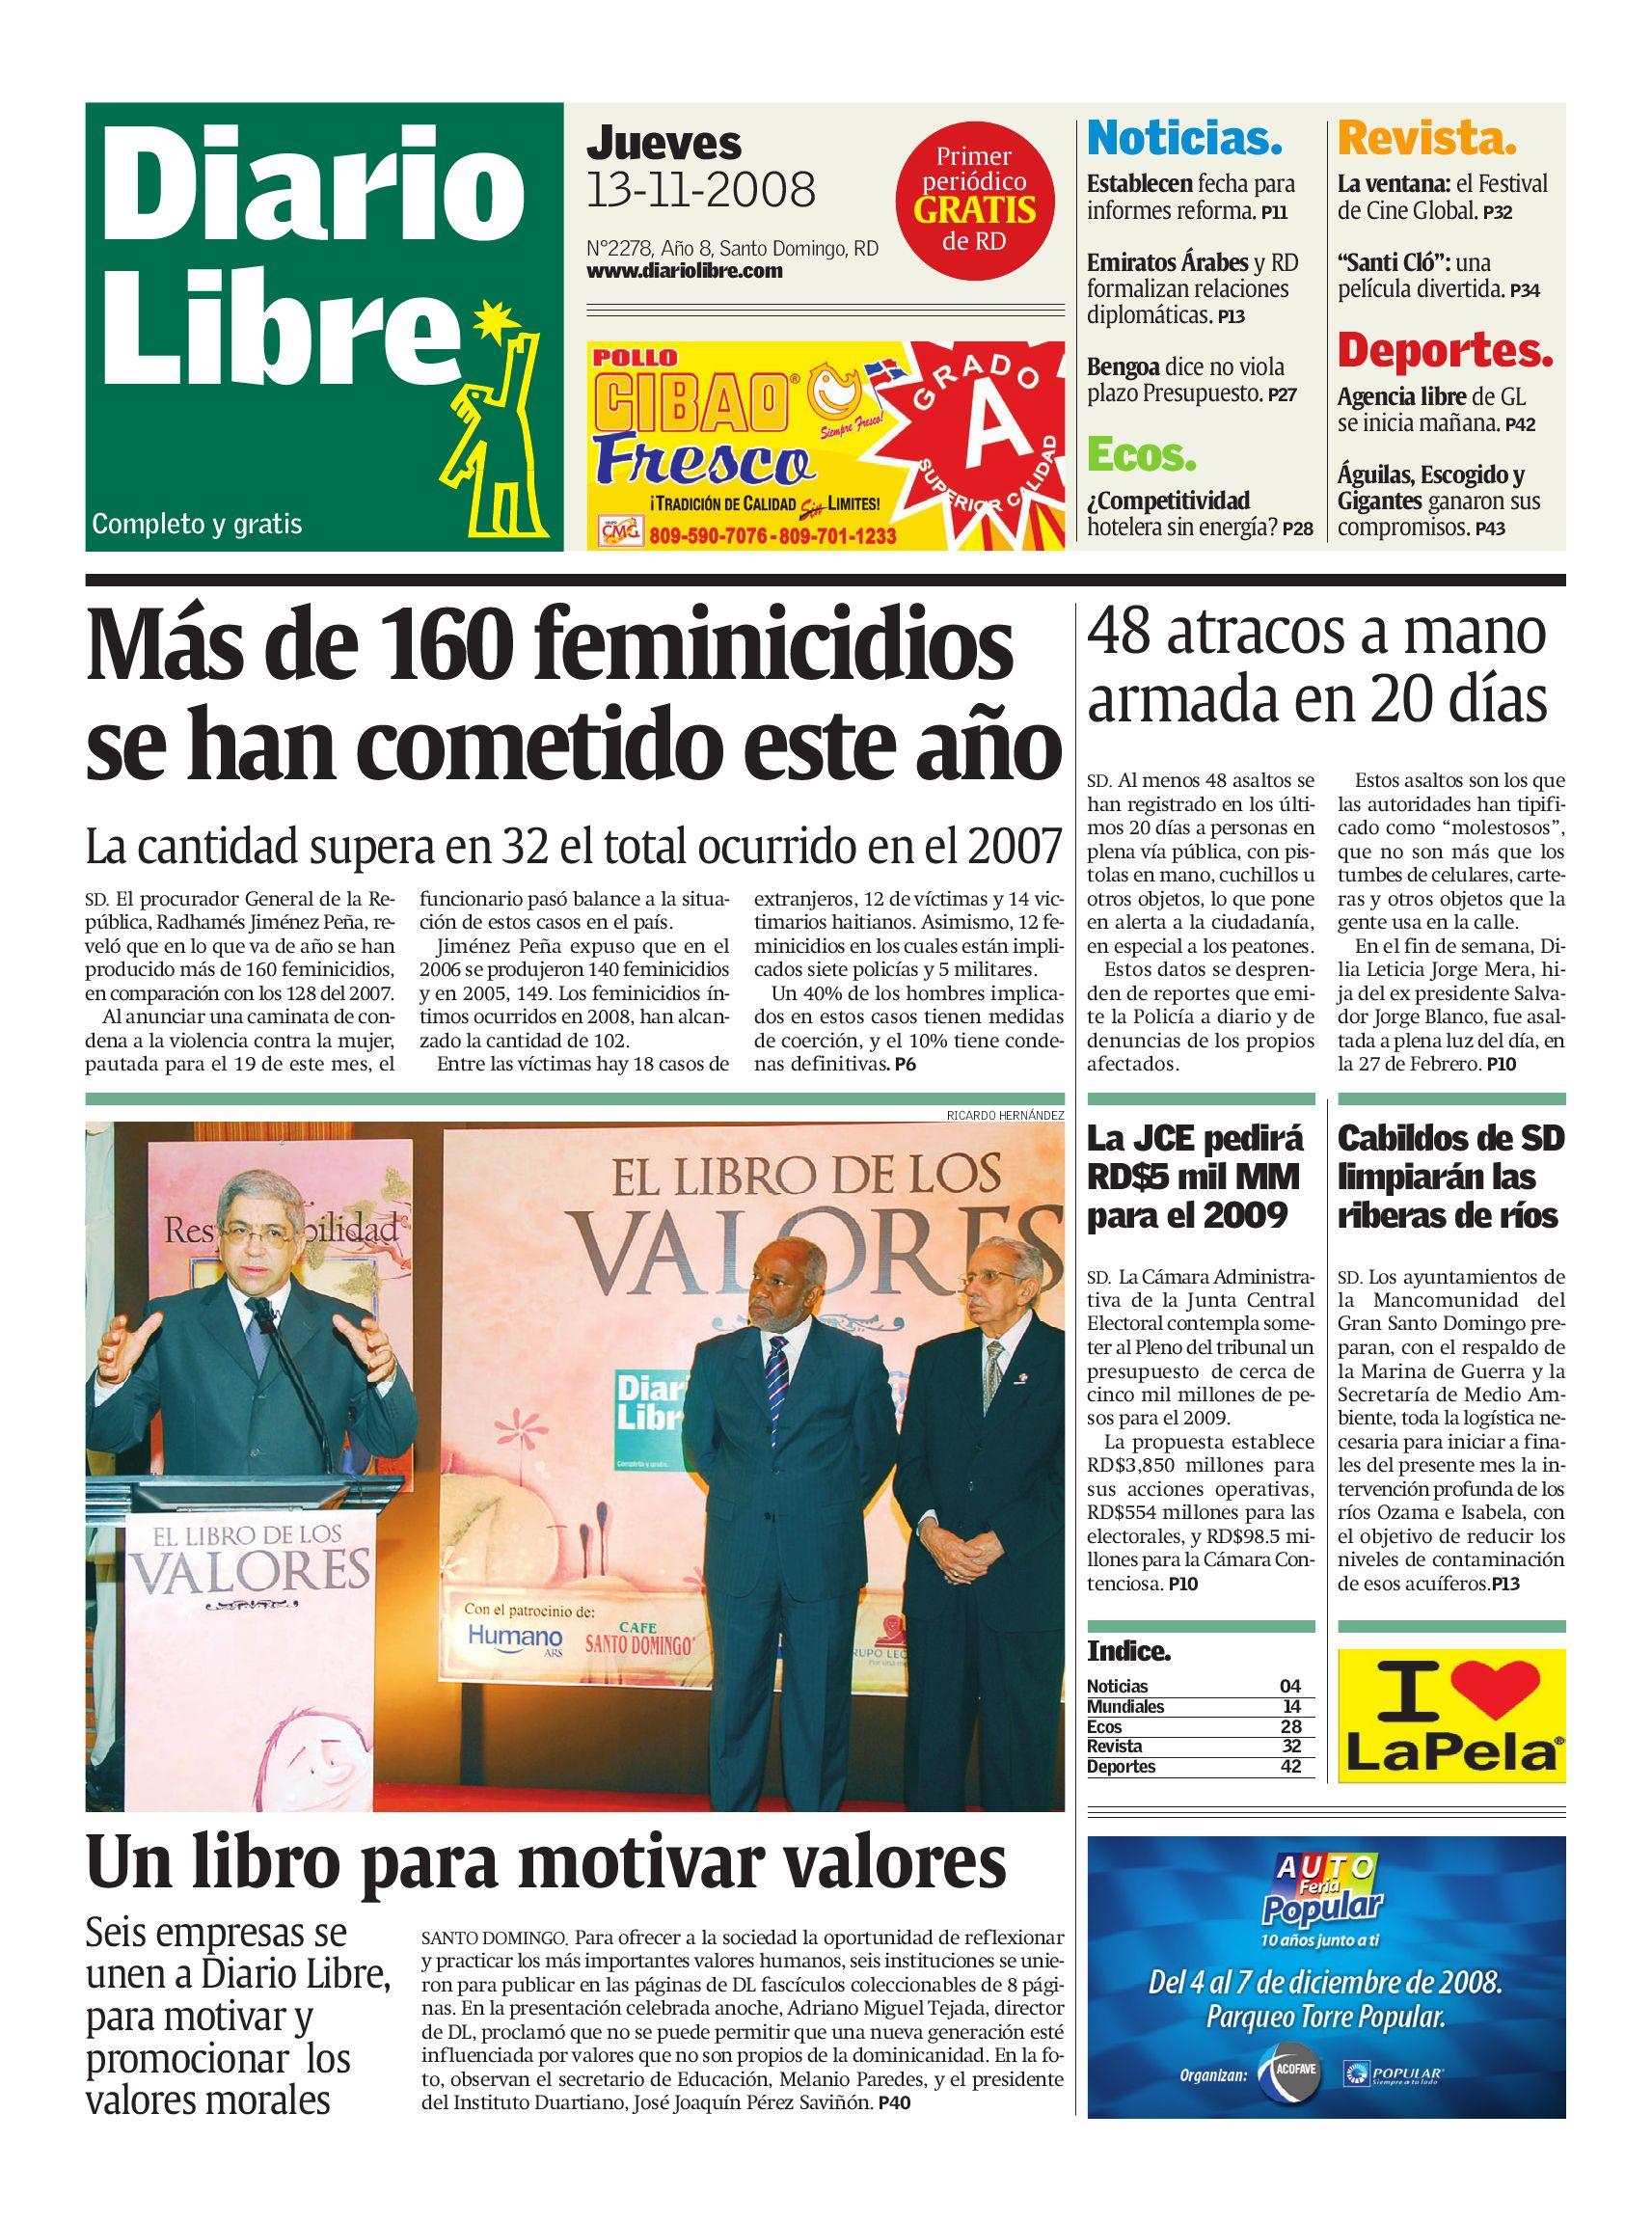 diariolibre2278 by Grupo Diario Libre, S. A. - issuu